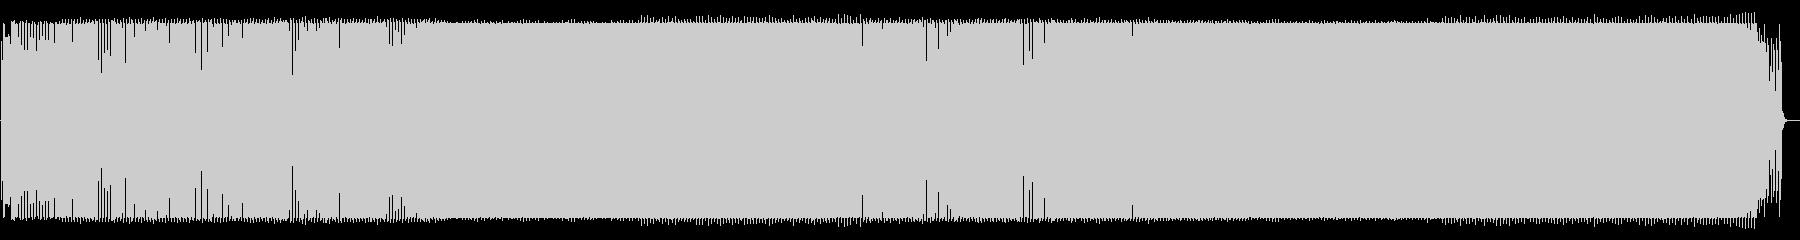 ゲンキでパワフルな曲の未再生の波形